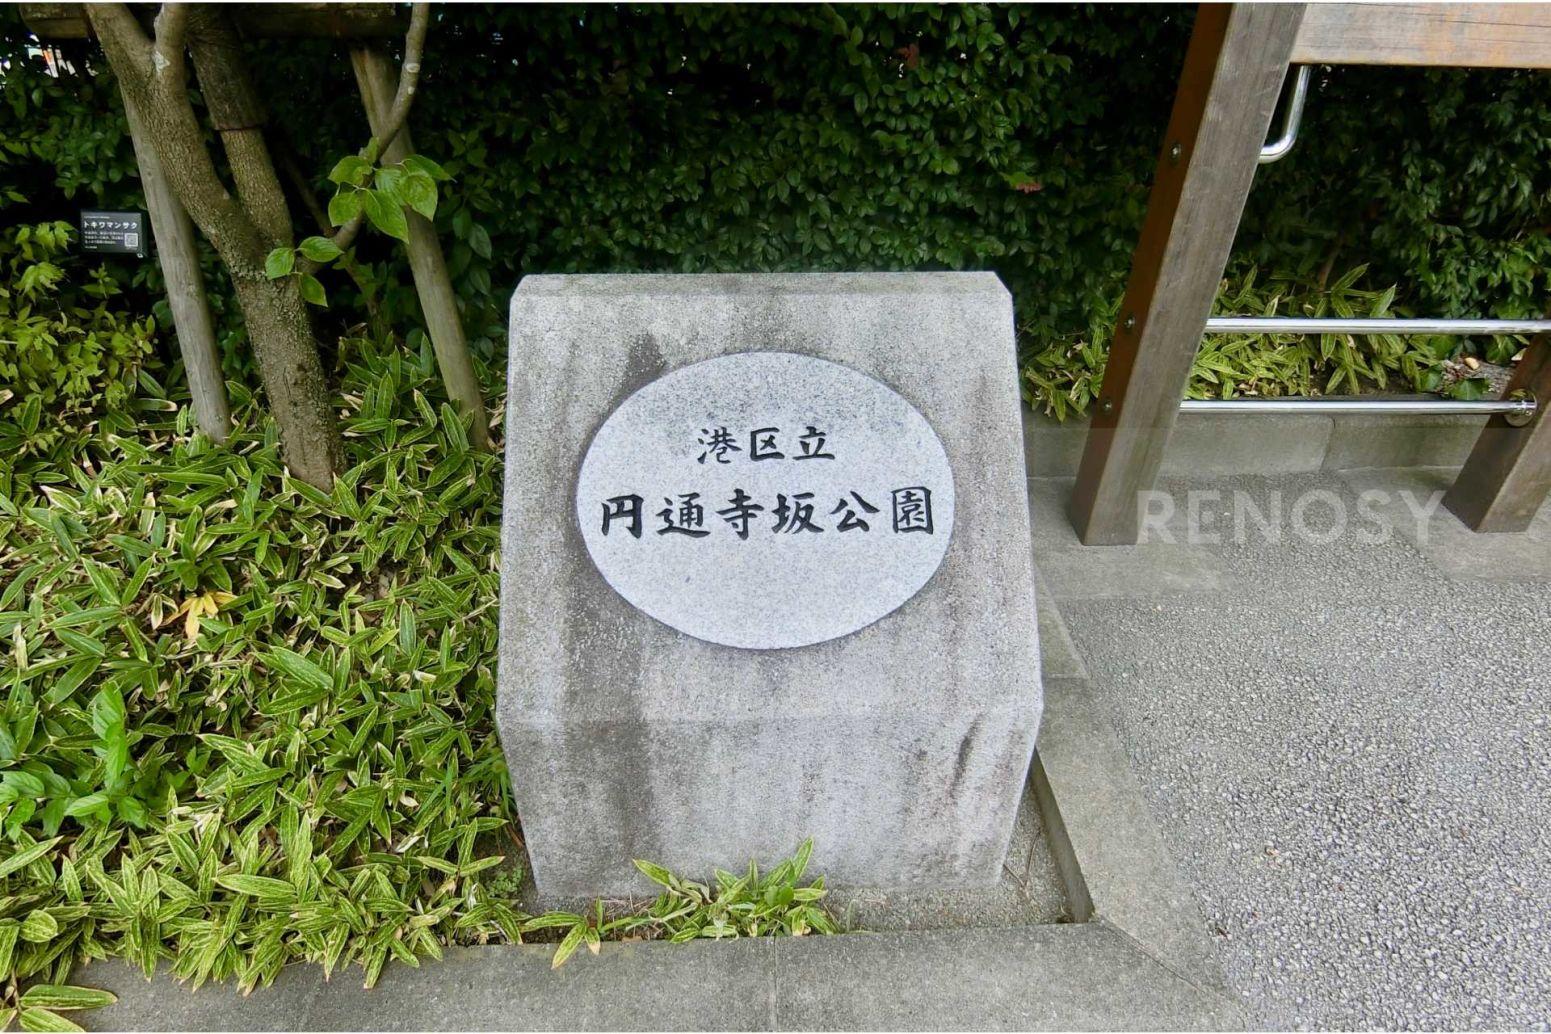 インプレスト赤坂